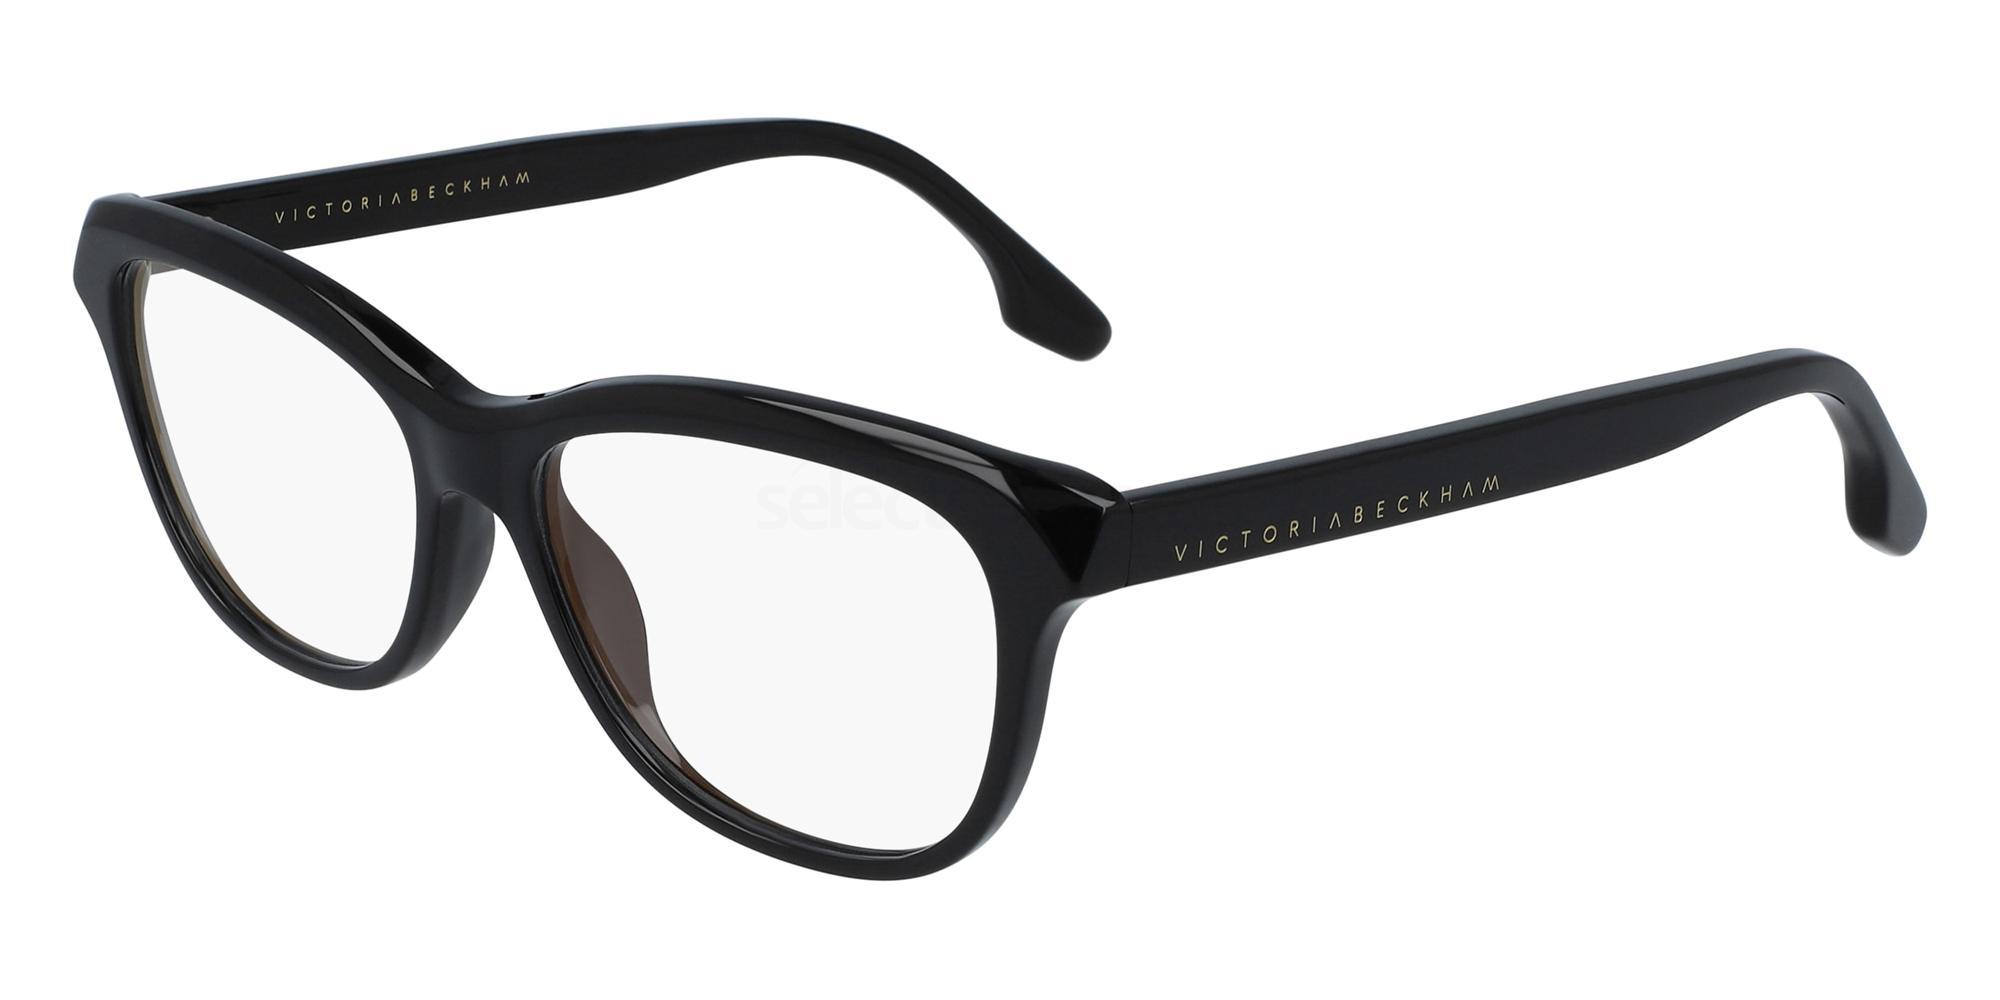 001 VB2607 Glasses, Victoria Beckham